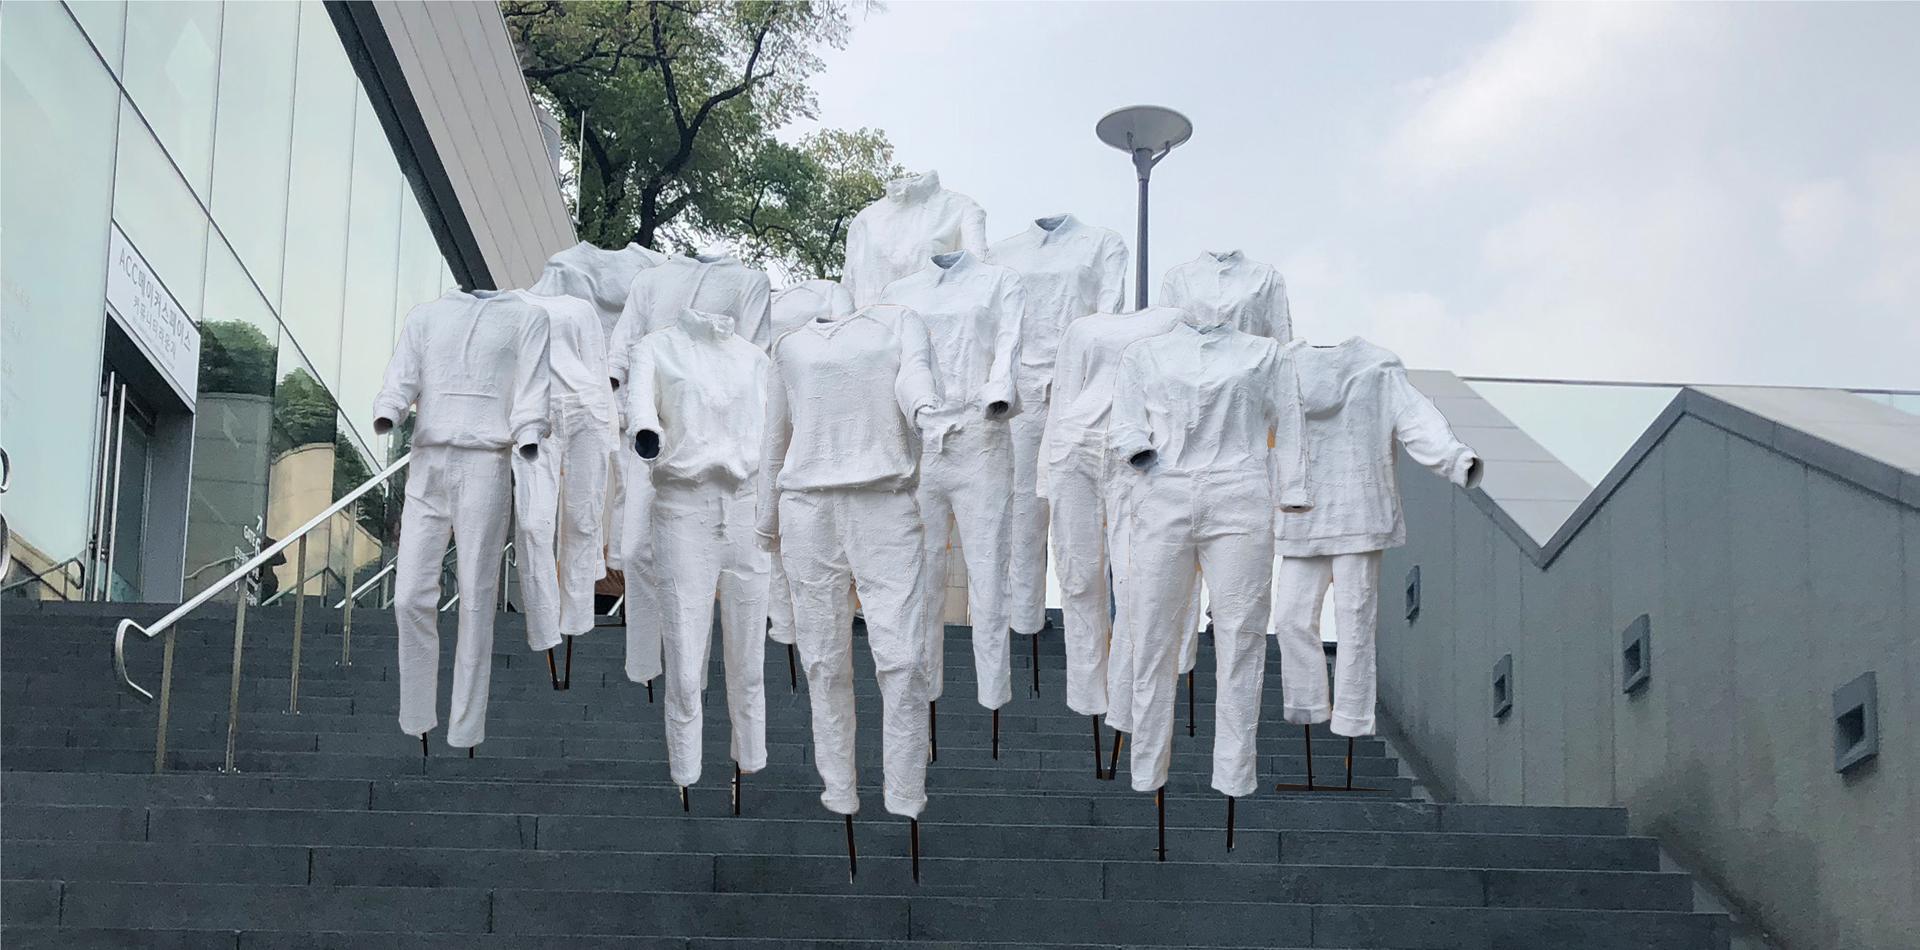 ©, Deok Yong Jung, Yea In Seo, Dan Bi Lee, Ji Hye Hong, Yea Lim Yang, and Tae Yang Kim, Crowd